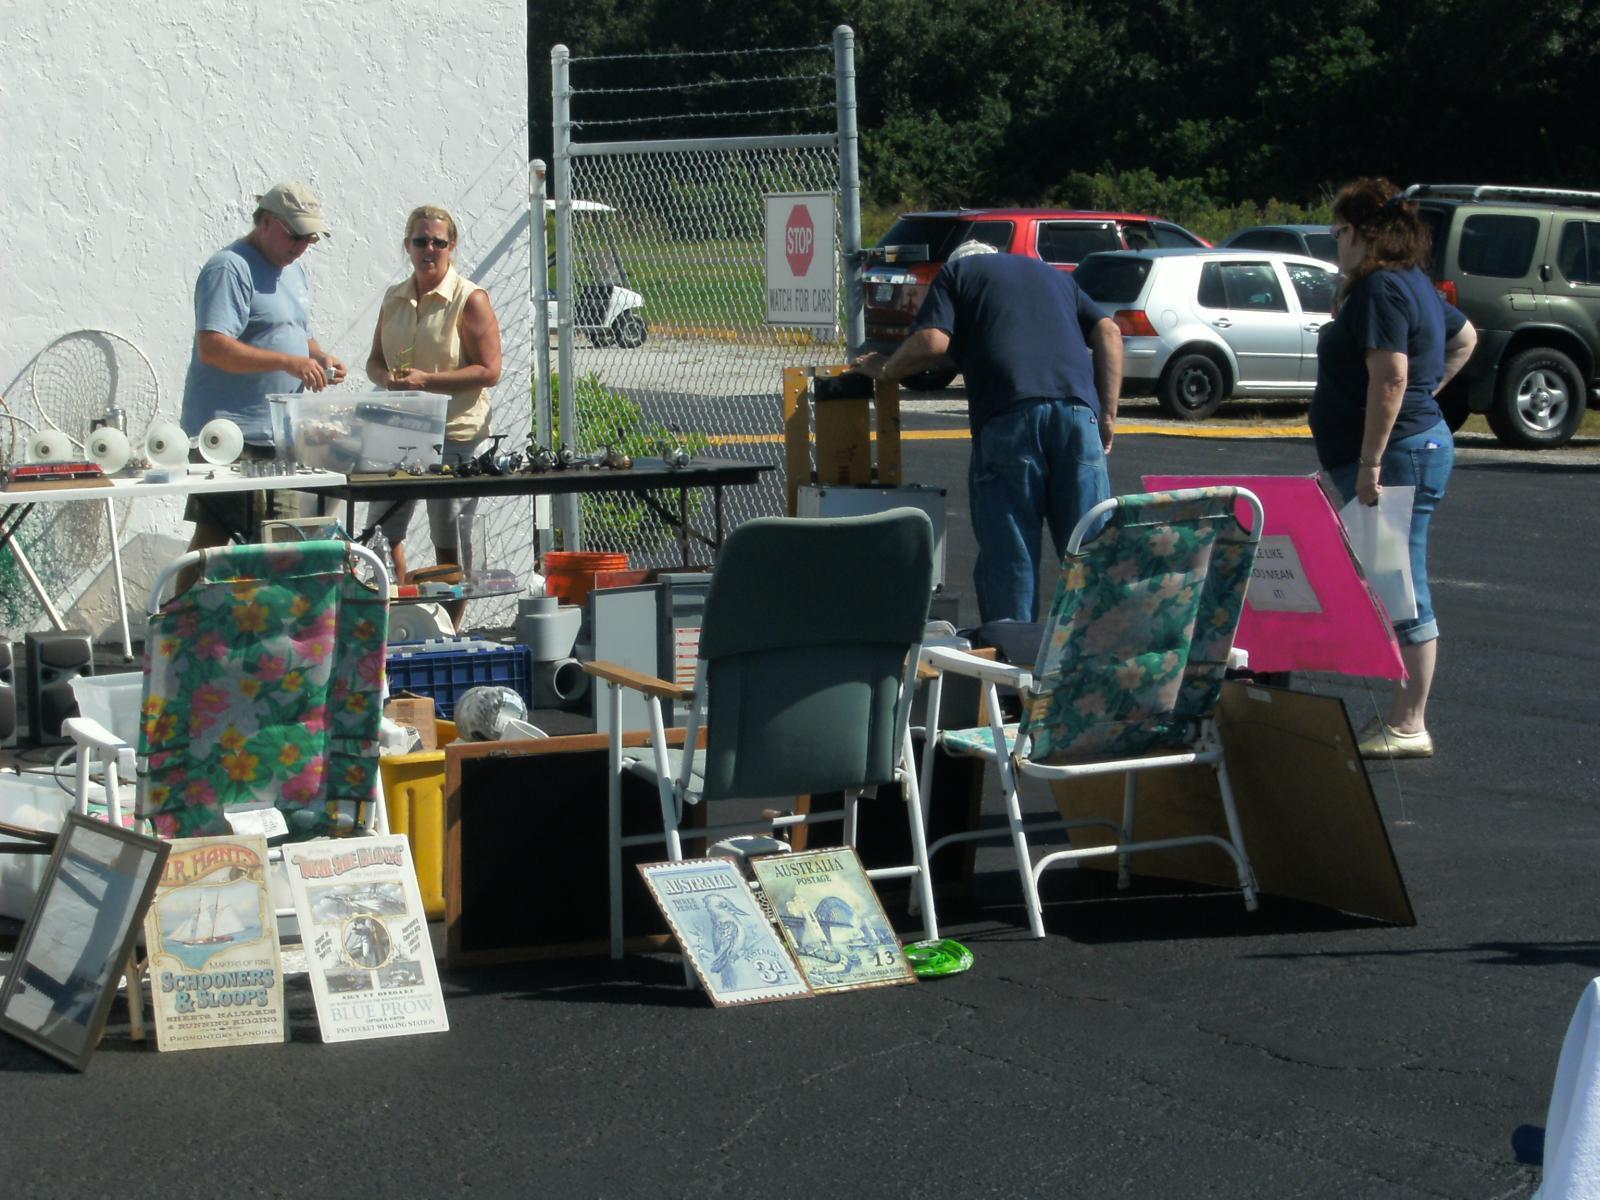 furniture for sale Sarasota, FL